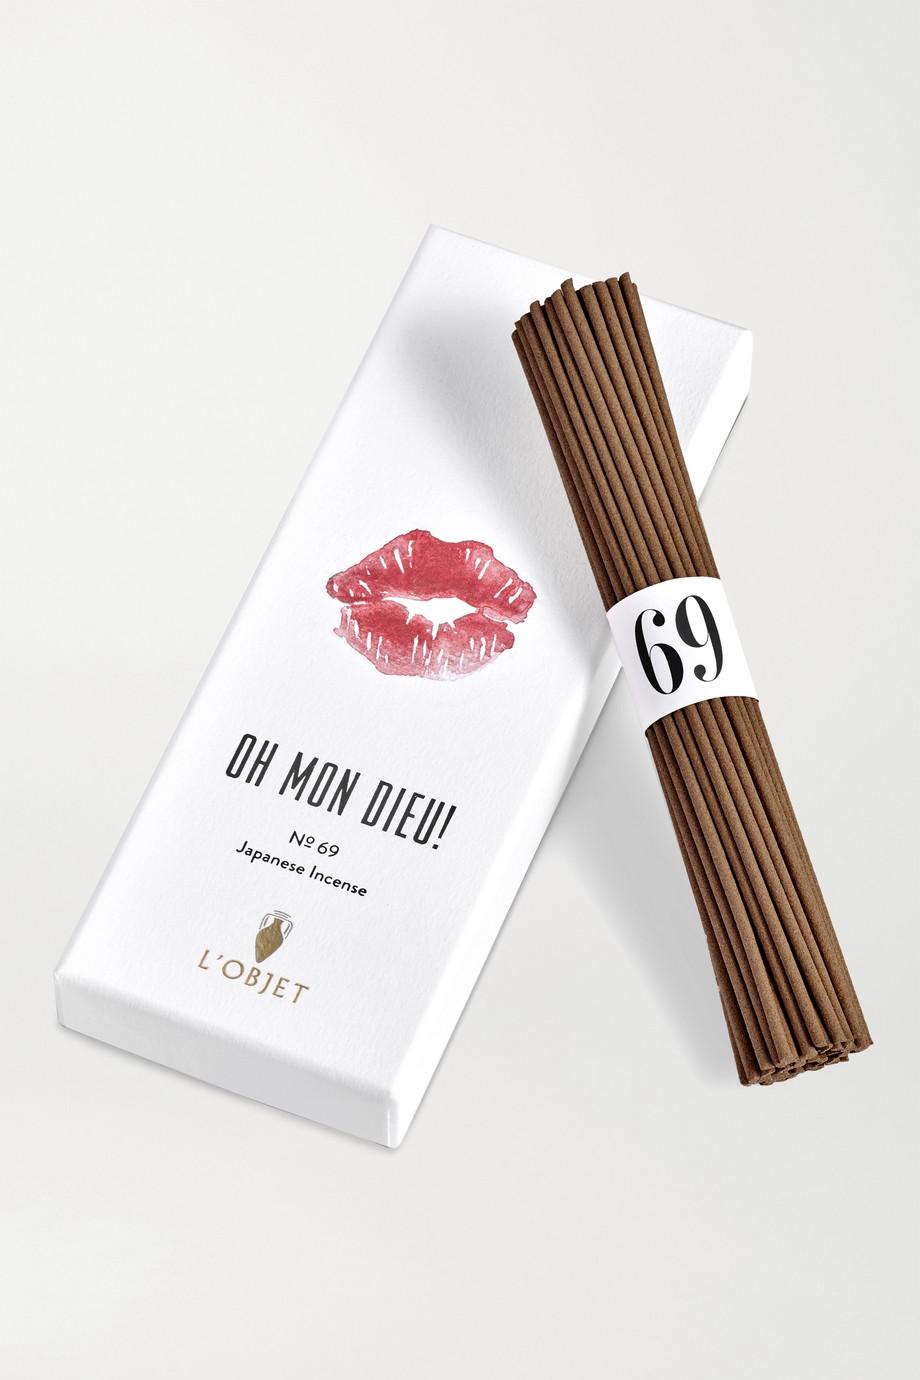 L'Objet Oh Mon Dieu No.69 Incense (60 sticks)